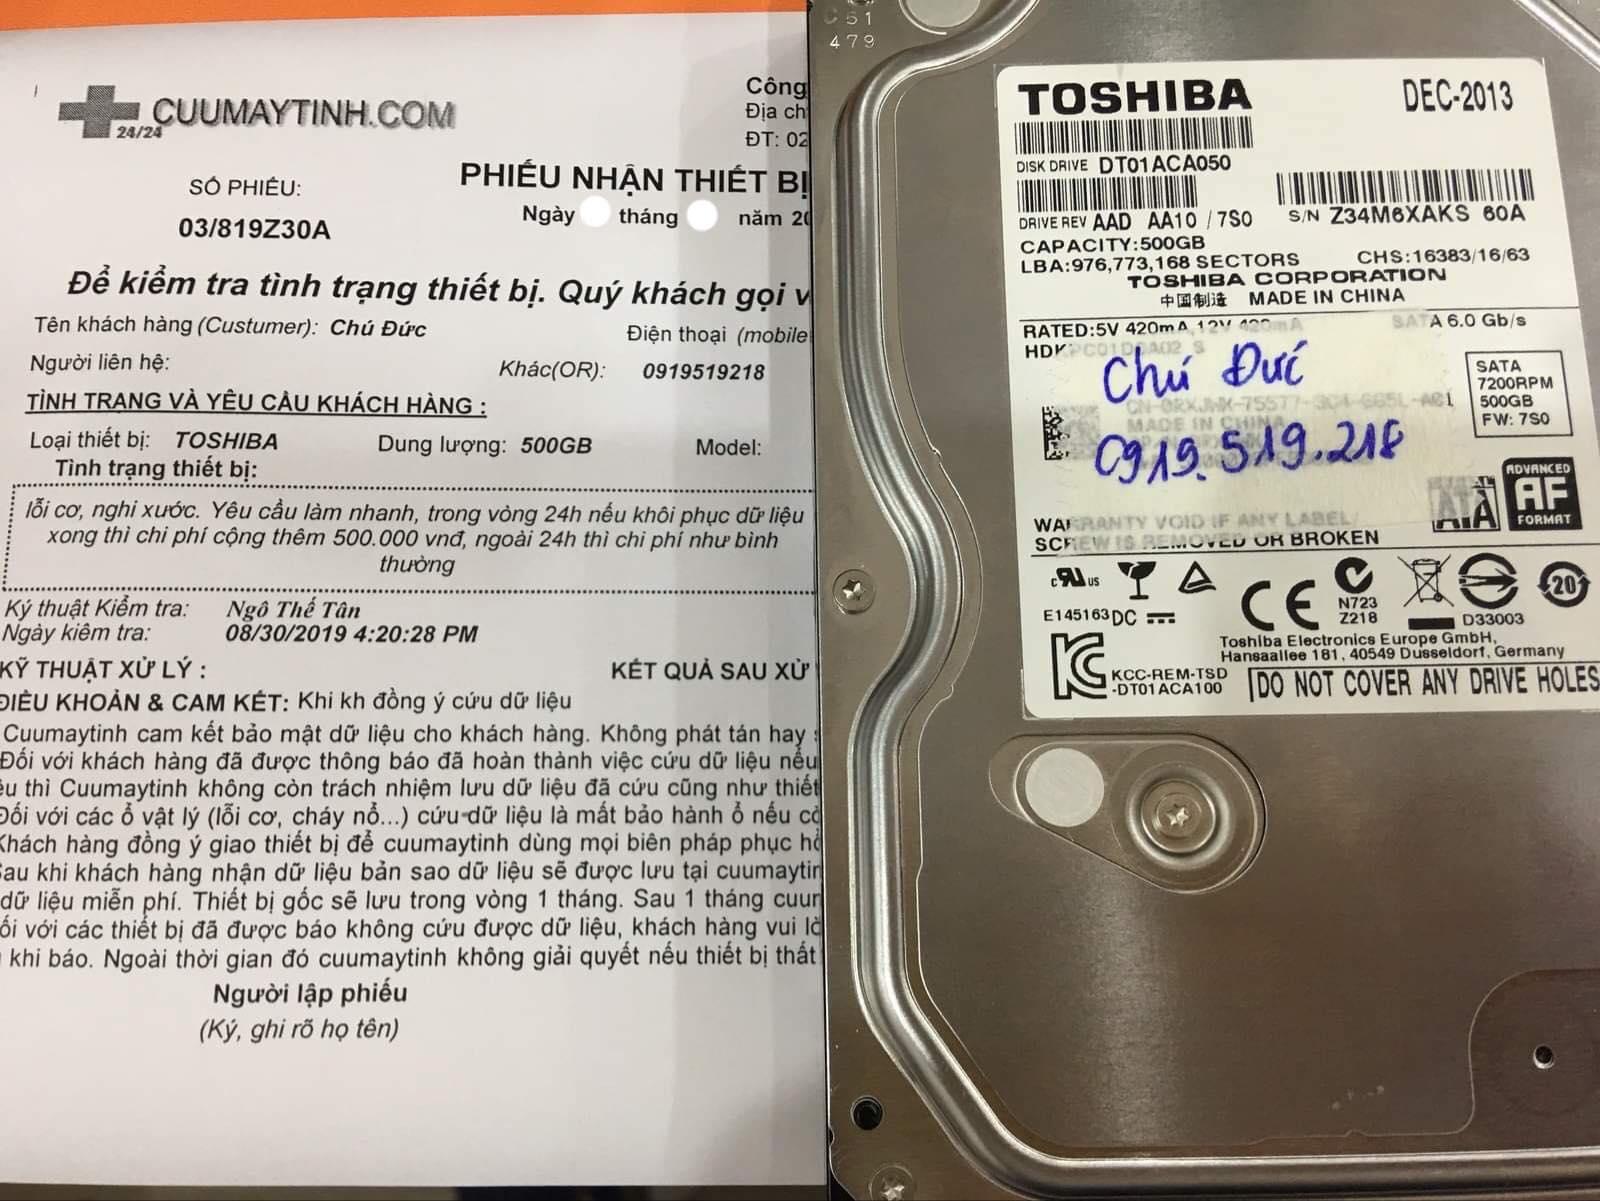 Lấy dữ liệu ổ cứng Toshiba 500GB lỗi cơ 04/09/2019 - cuumaytinh